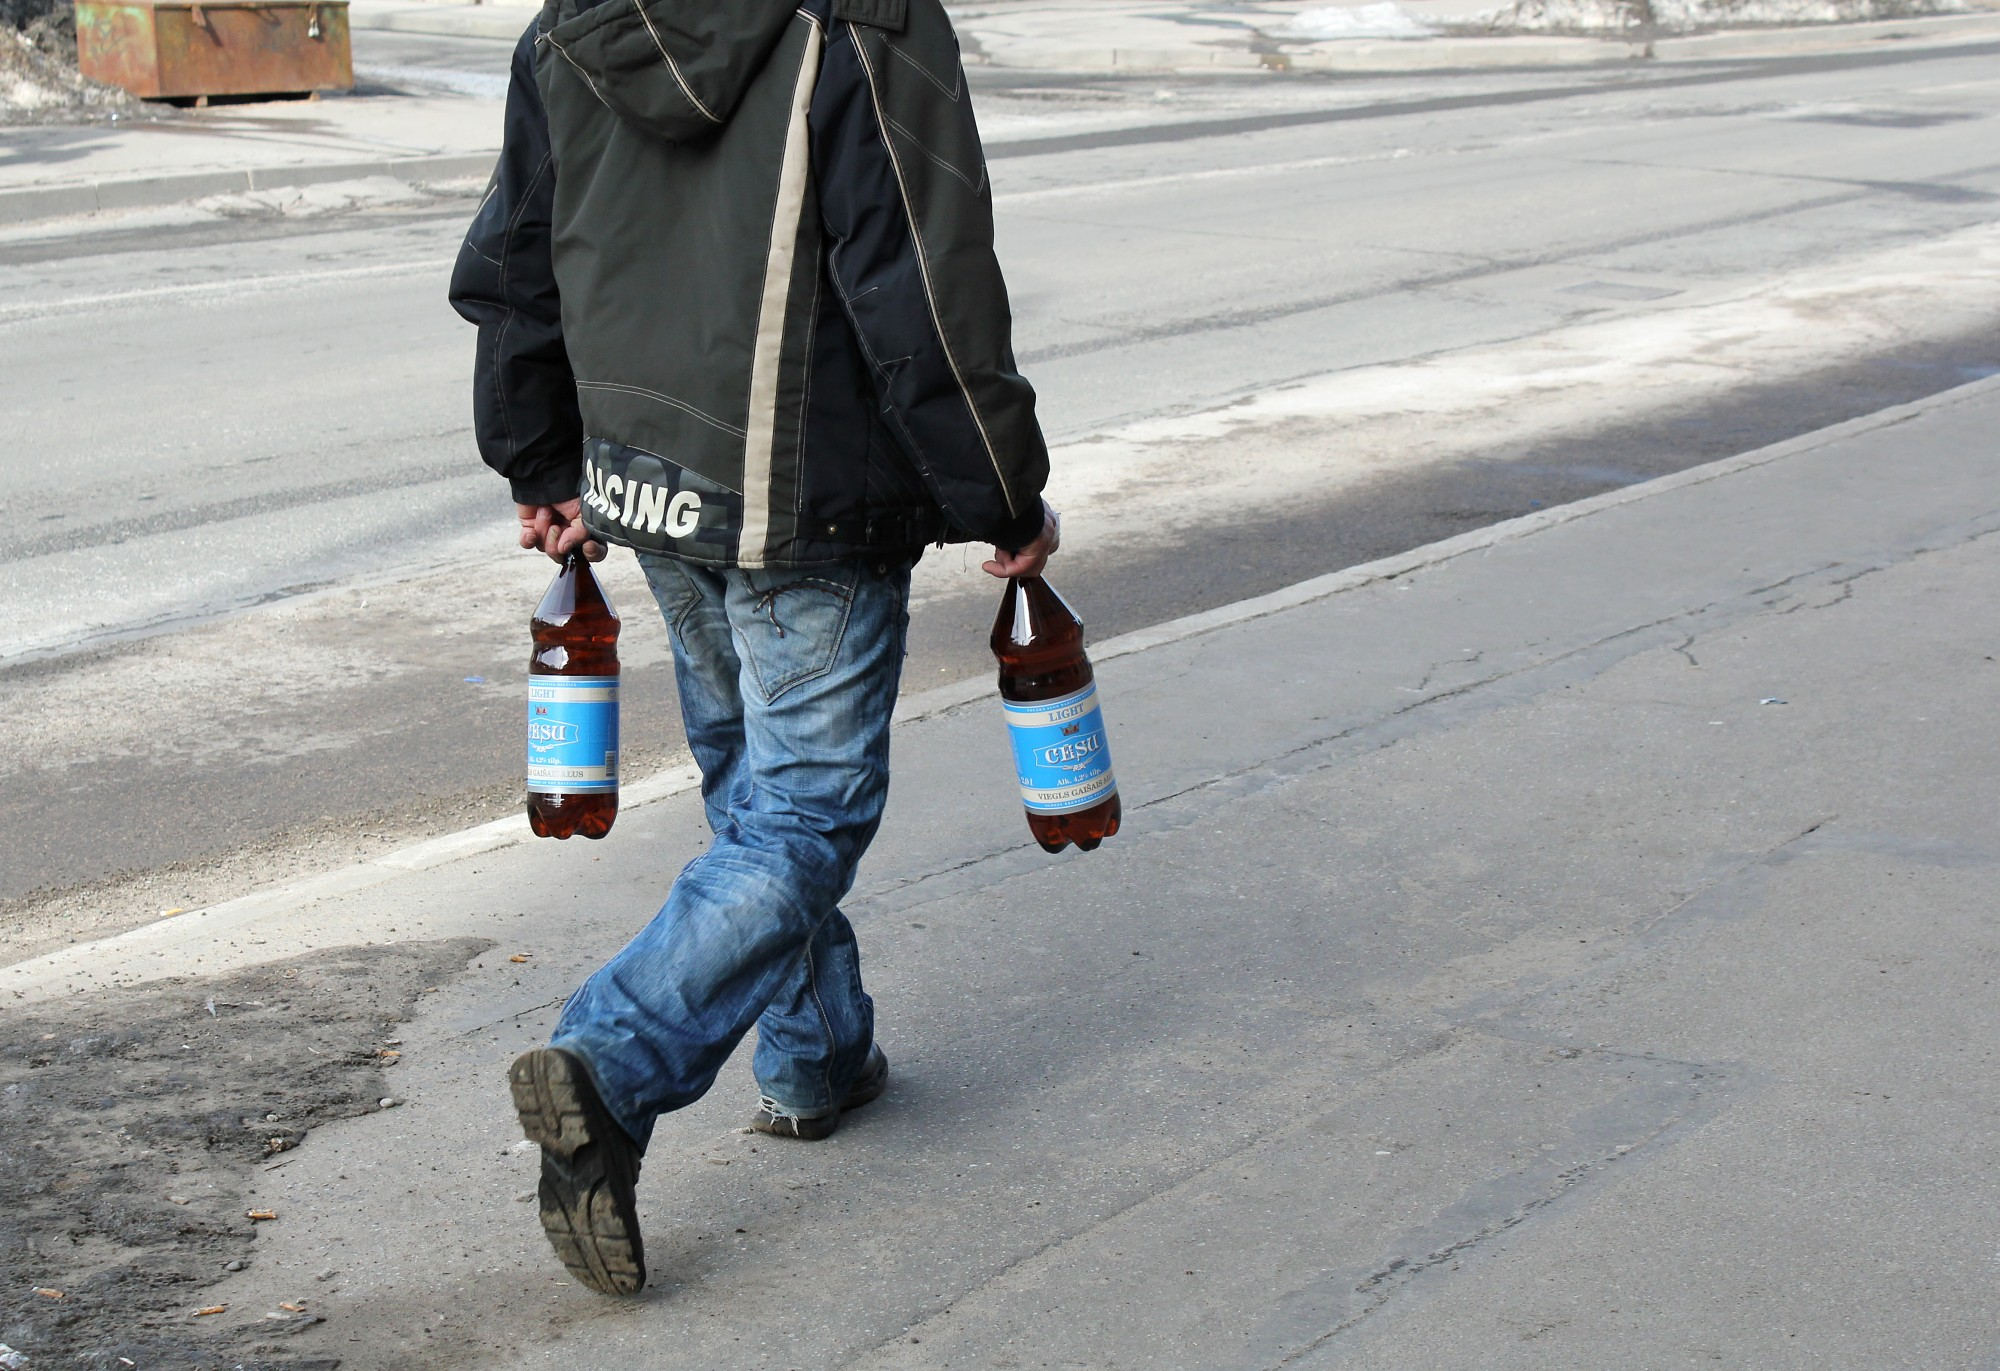 Бюджетная комиссия Сейма не поддерживает снижение акцизного налога на пиво